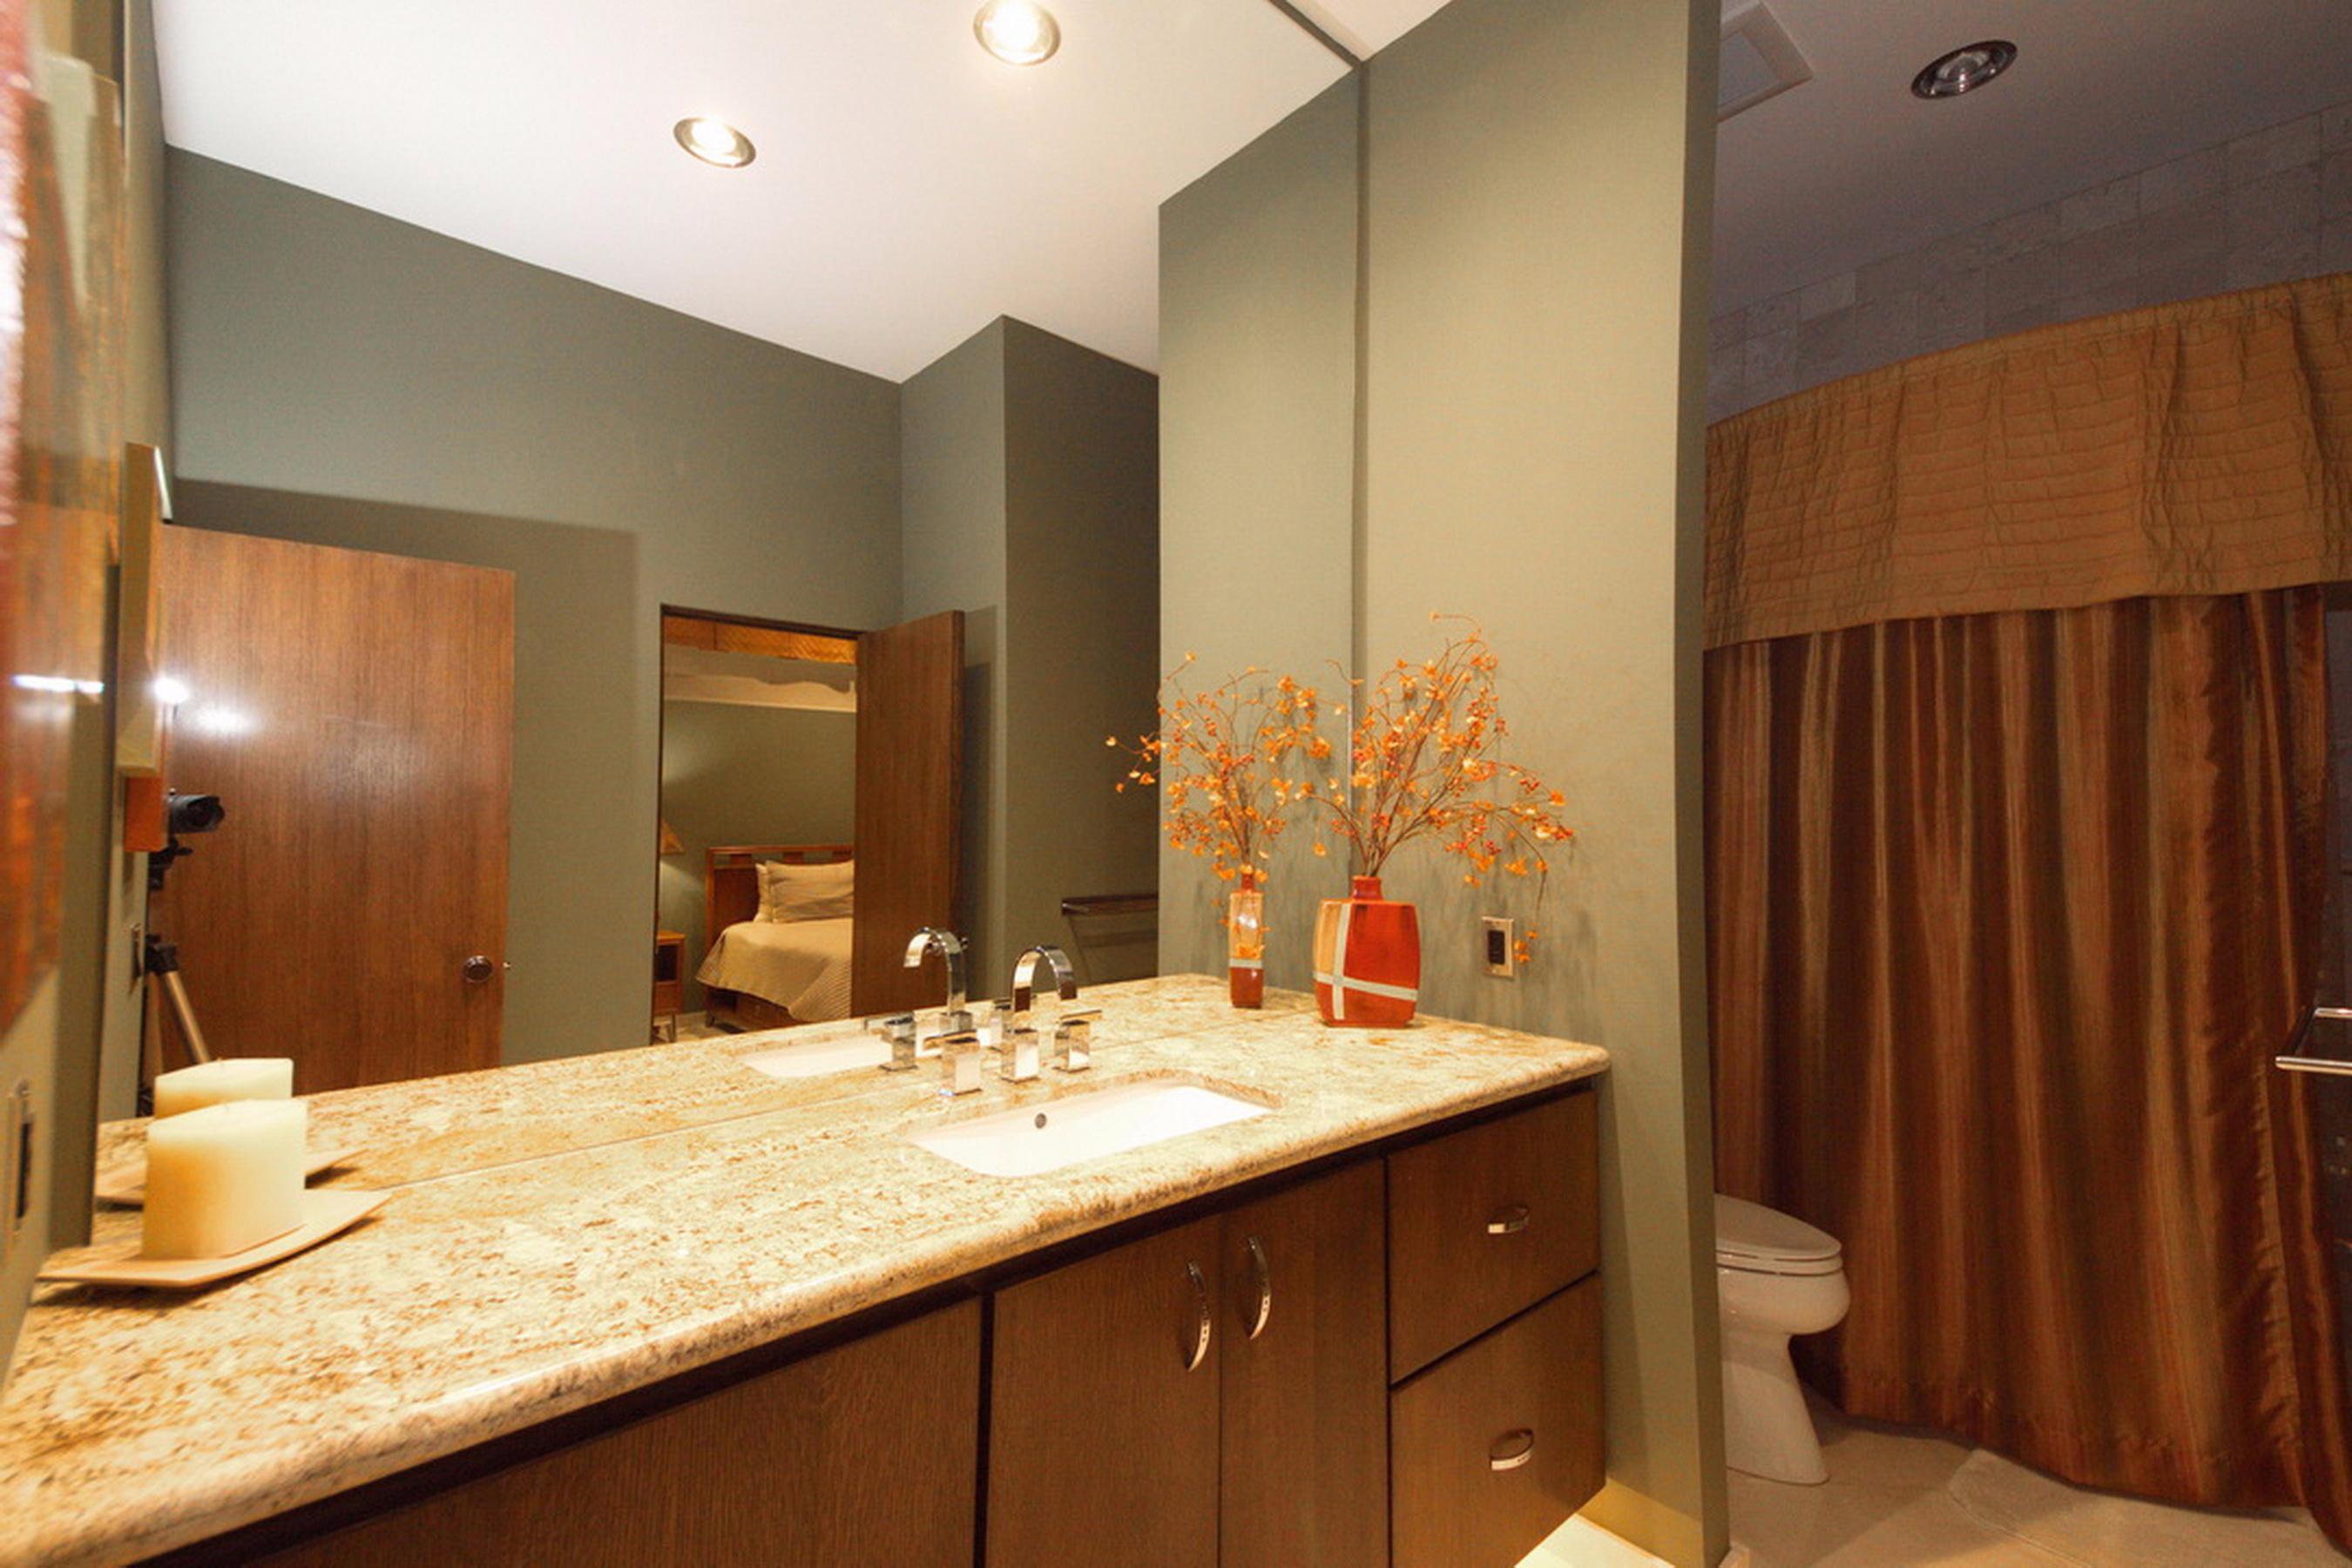 31-Ll Guest Bath Room